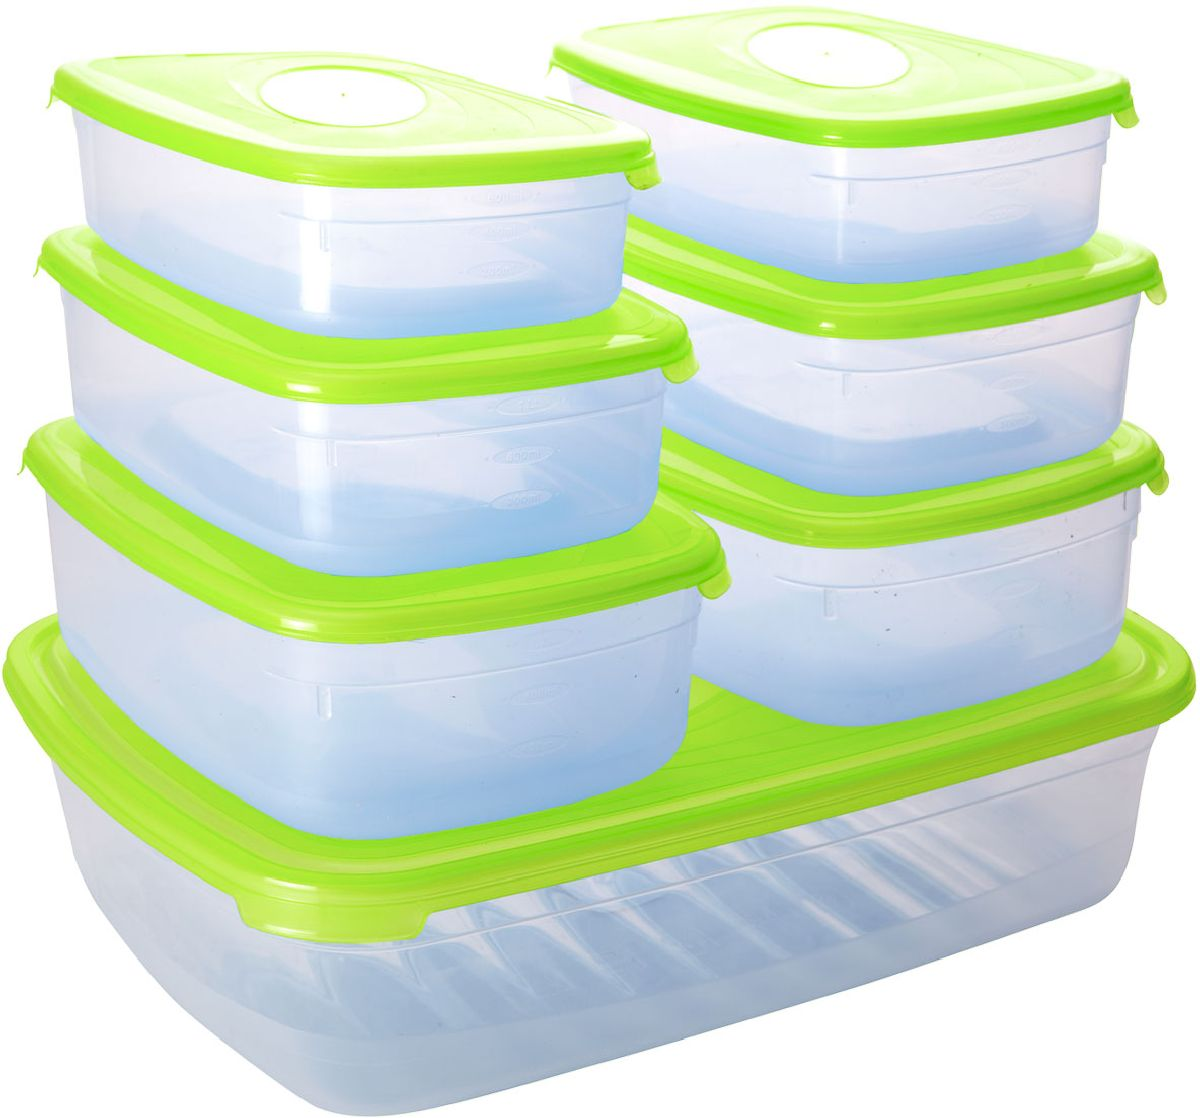 Набор контейнеров Plastic Centre Galaxy, с крышками, цвет: светло-зеленый, прозрачный, 7 шт емкость для свч plastic centre galaxy цвет желтый прозрачный 4 75 л